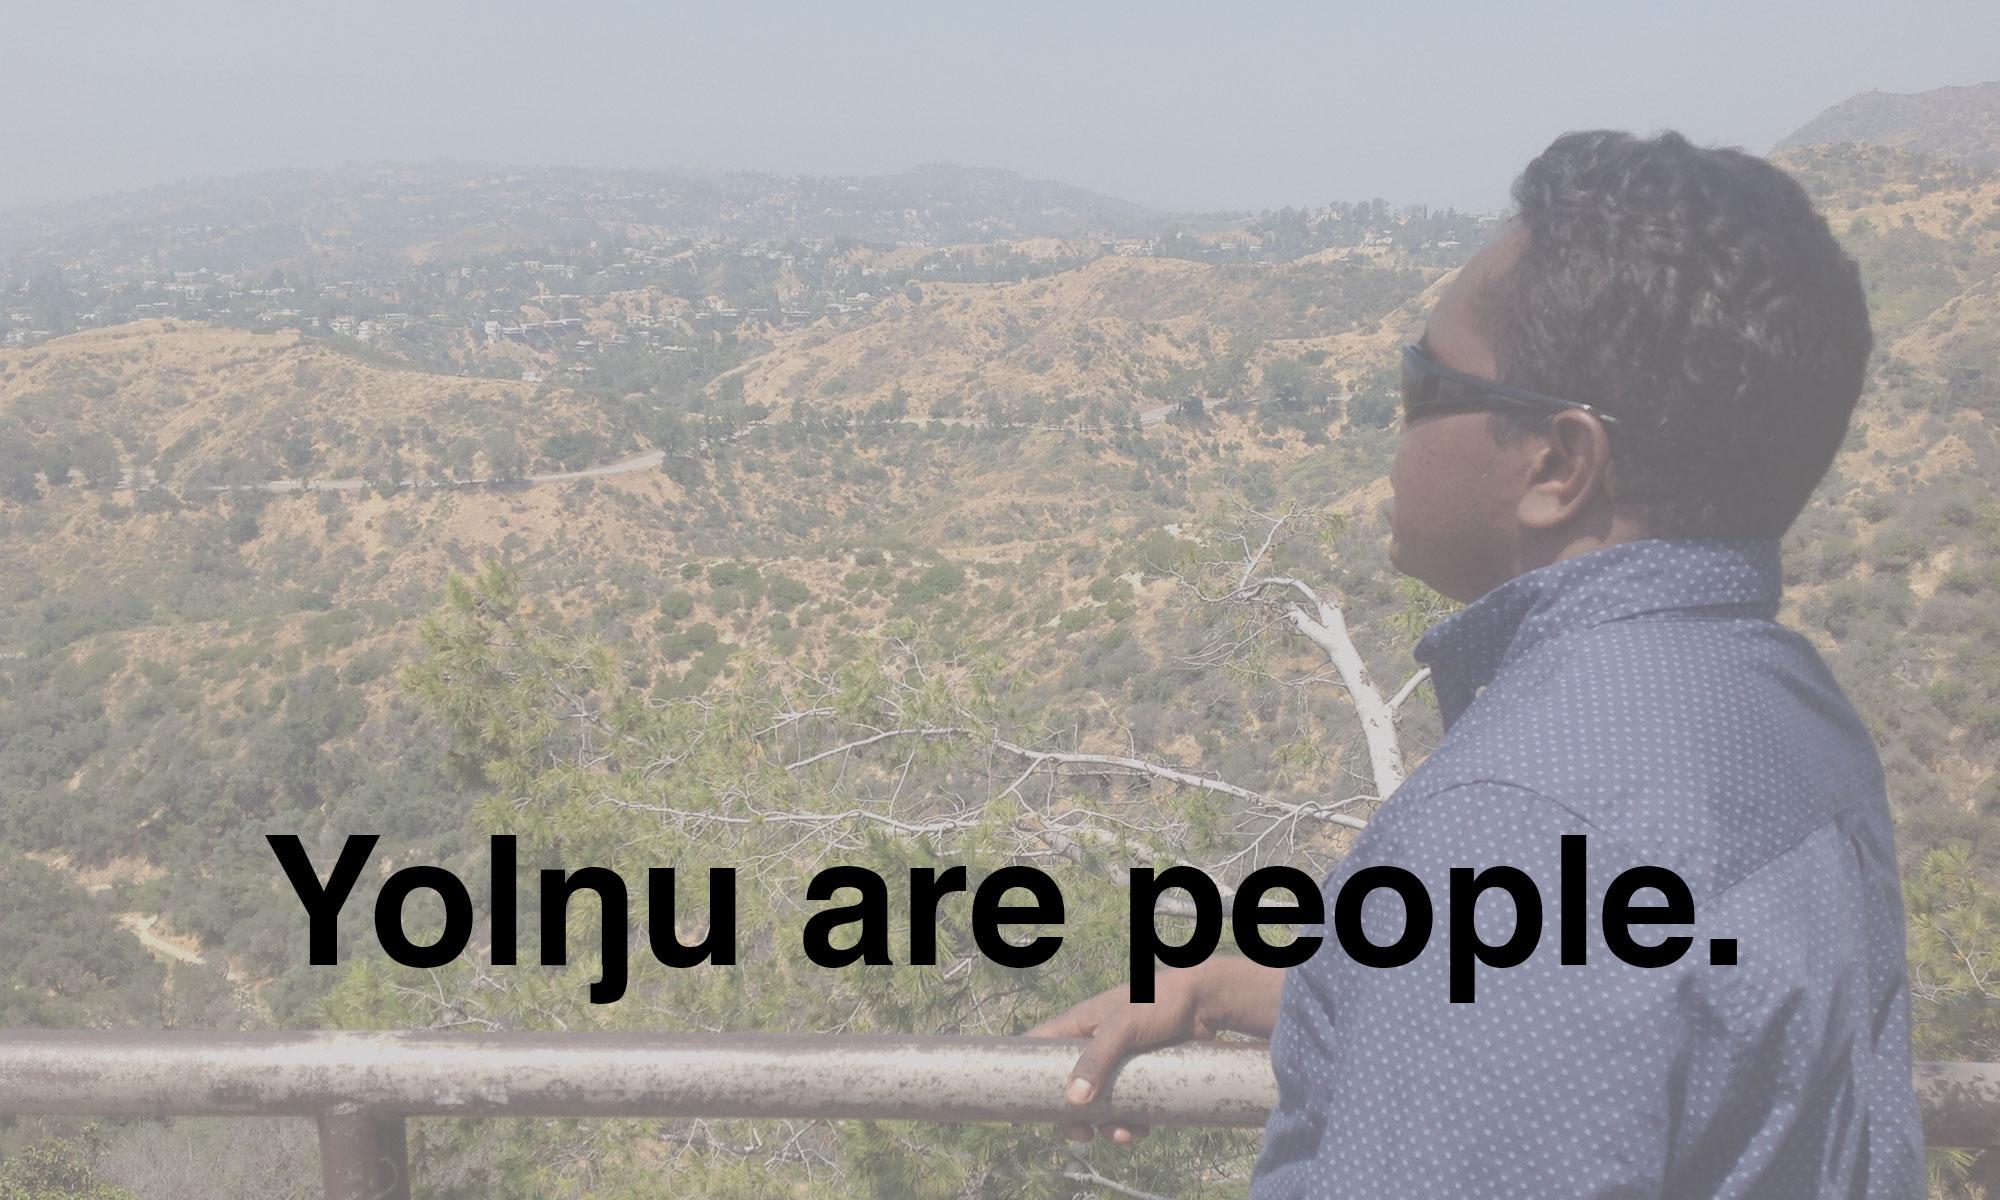 Yolngu are people.